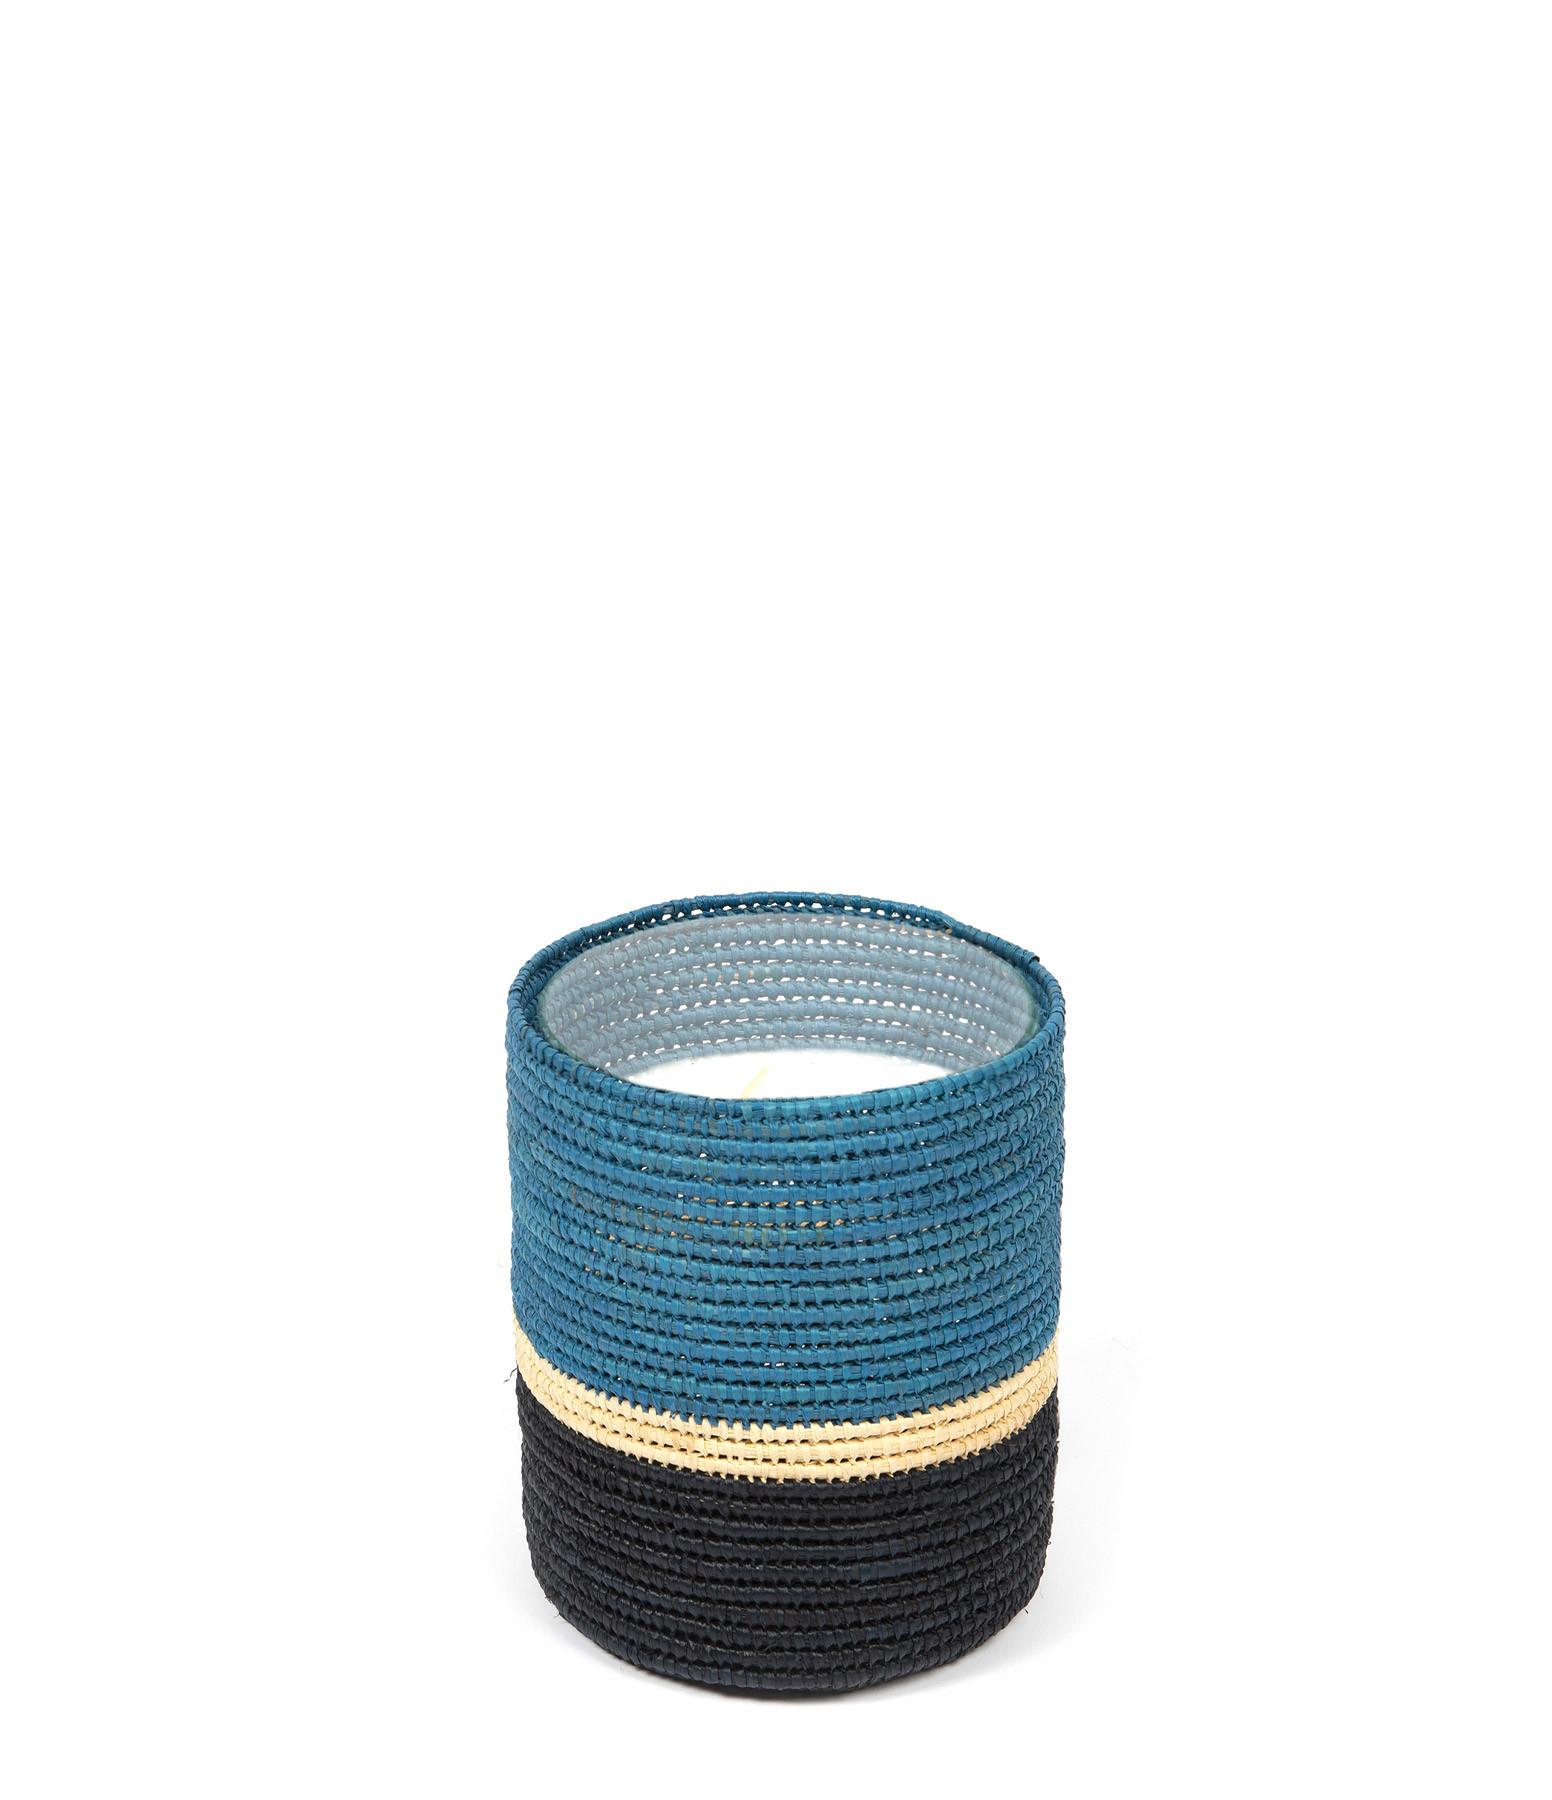 MAISON SARAH LAVOINE - Bougie Farniente Bleu H15 cm